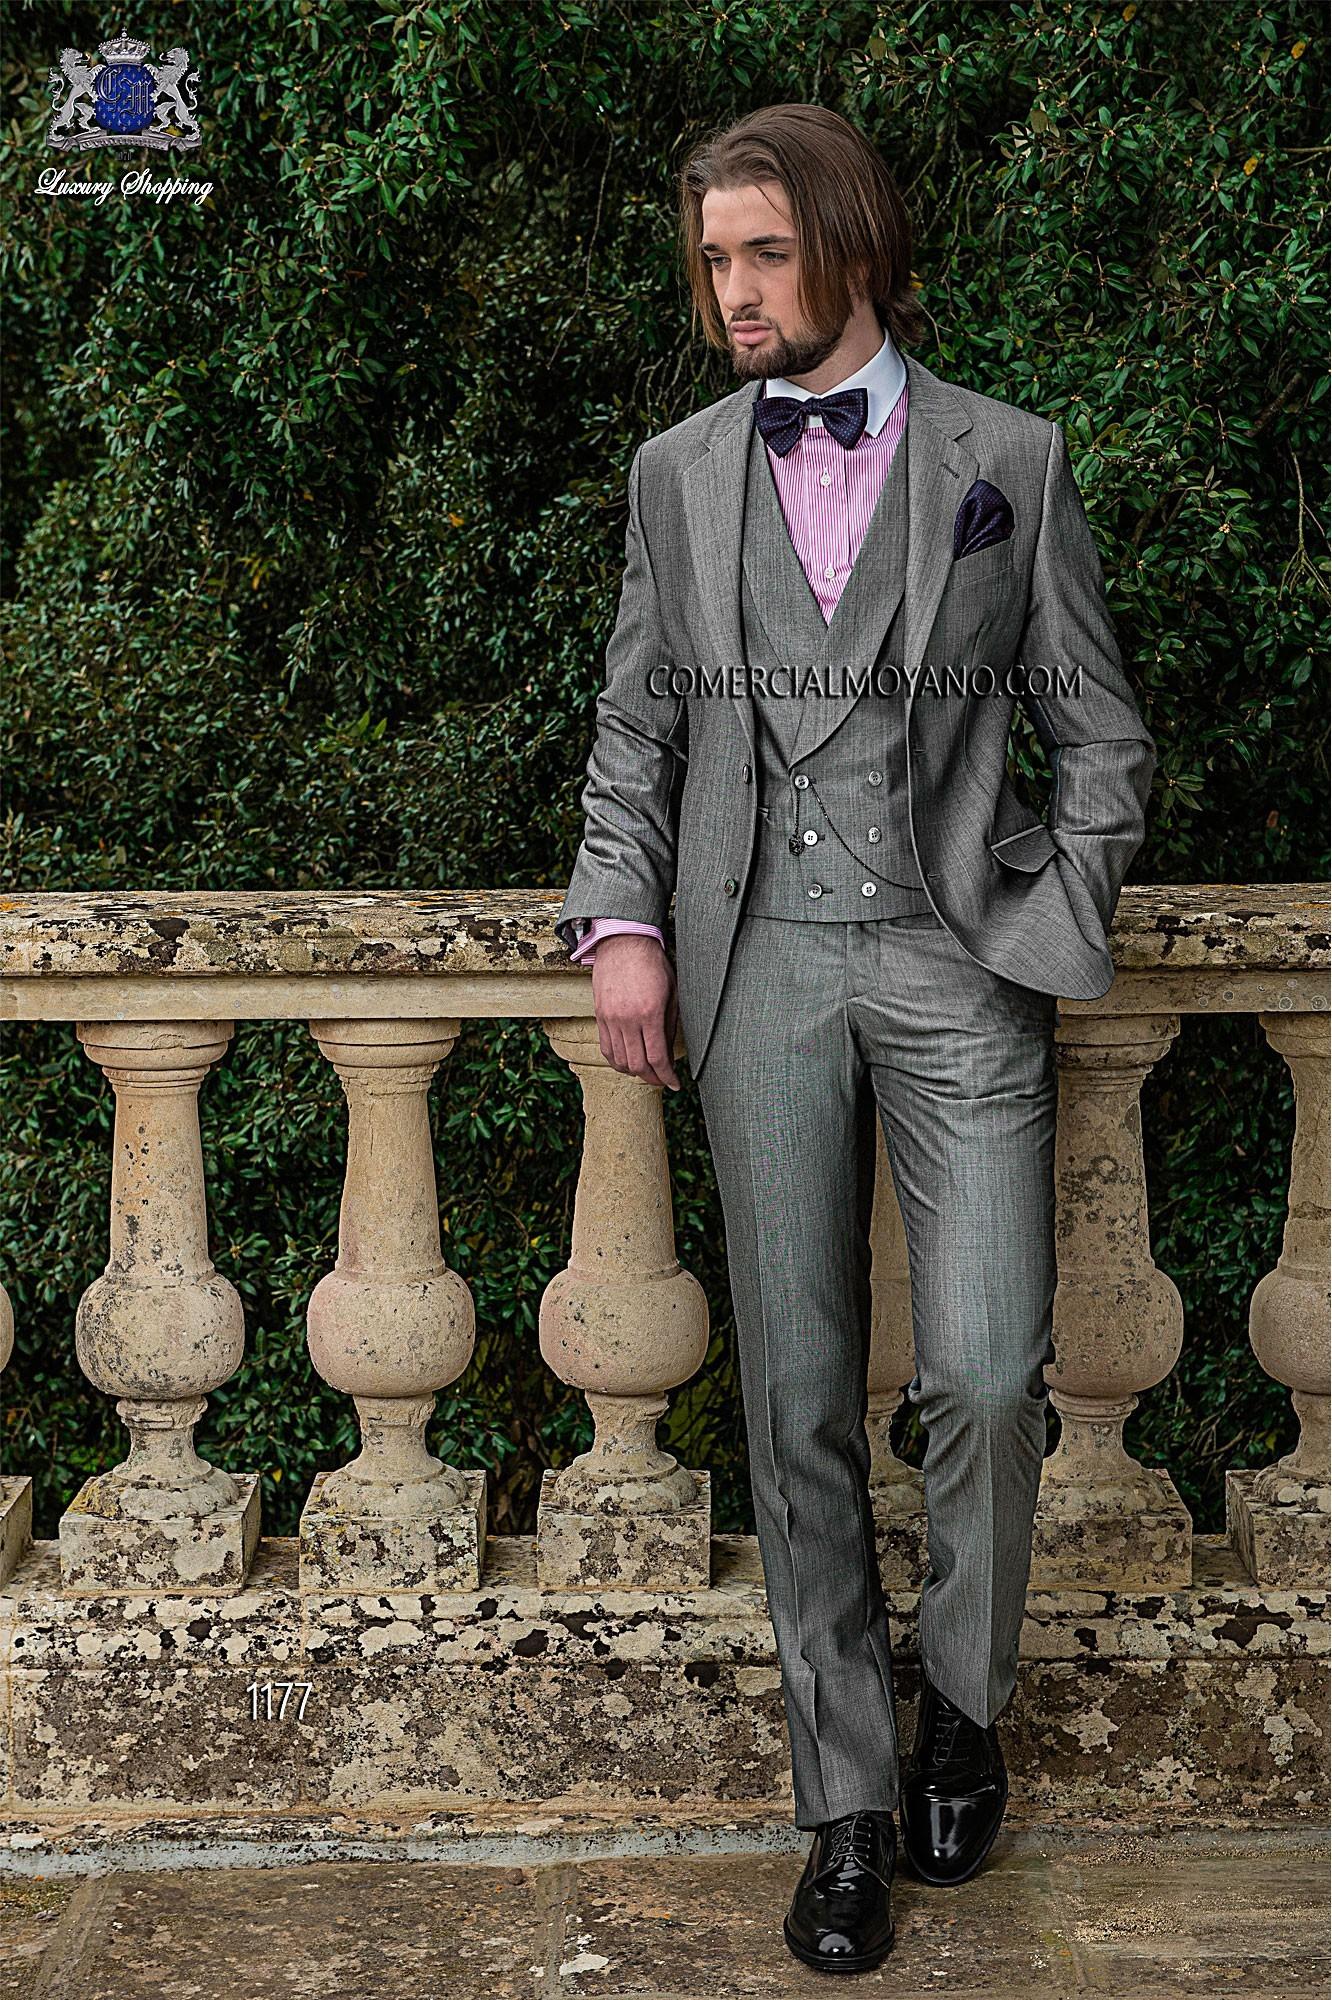 Traje de novio italiano gris modelo: 1177 Ottavio Nuccio Gala colección Gentleman